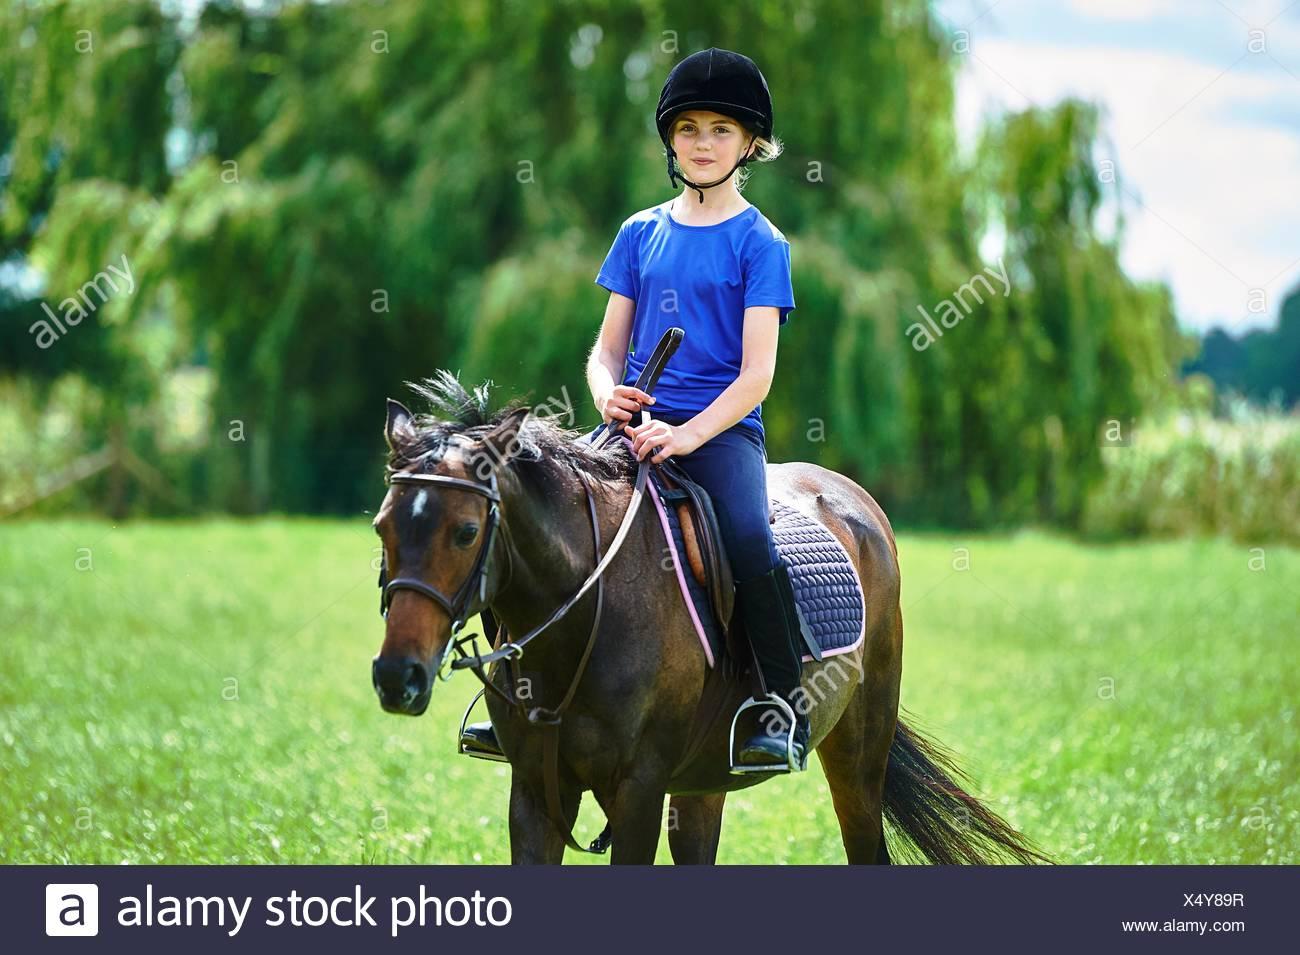 Vista frontal de la niña a caballo vistiendo un sombrero de montar, mirando a la cámara sonriendo Imagen De Stock